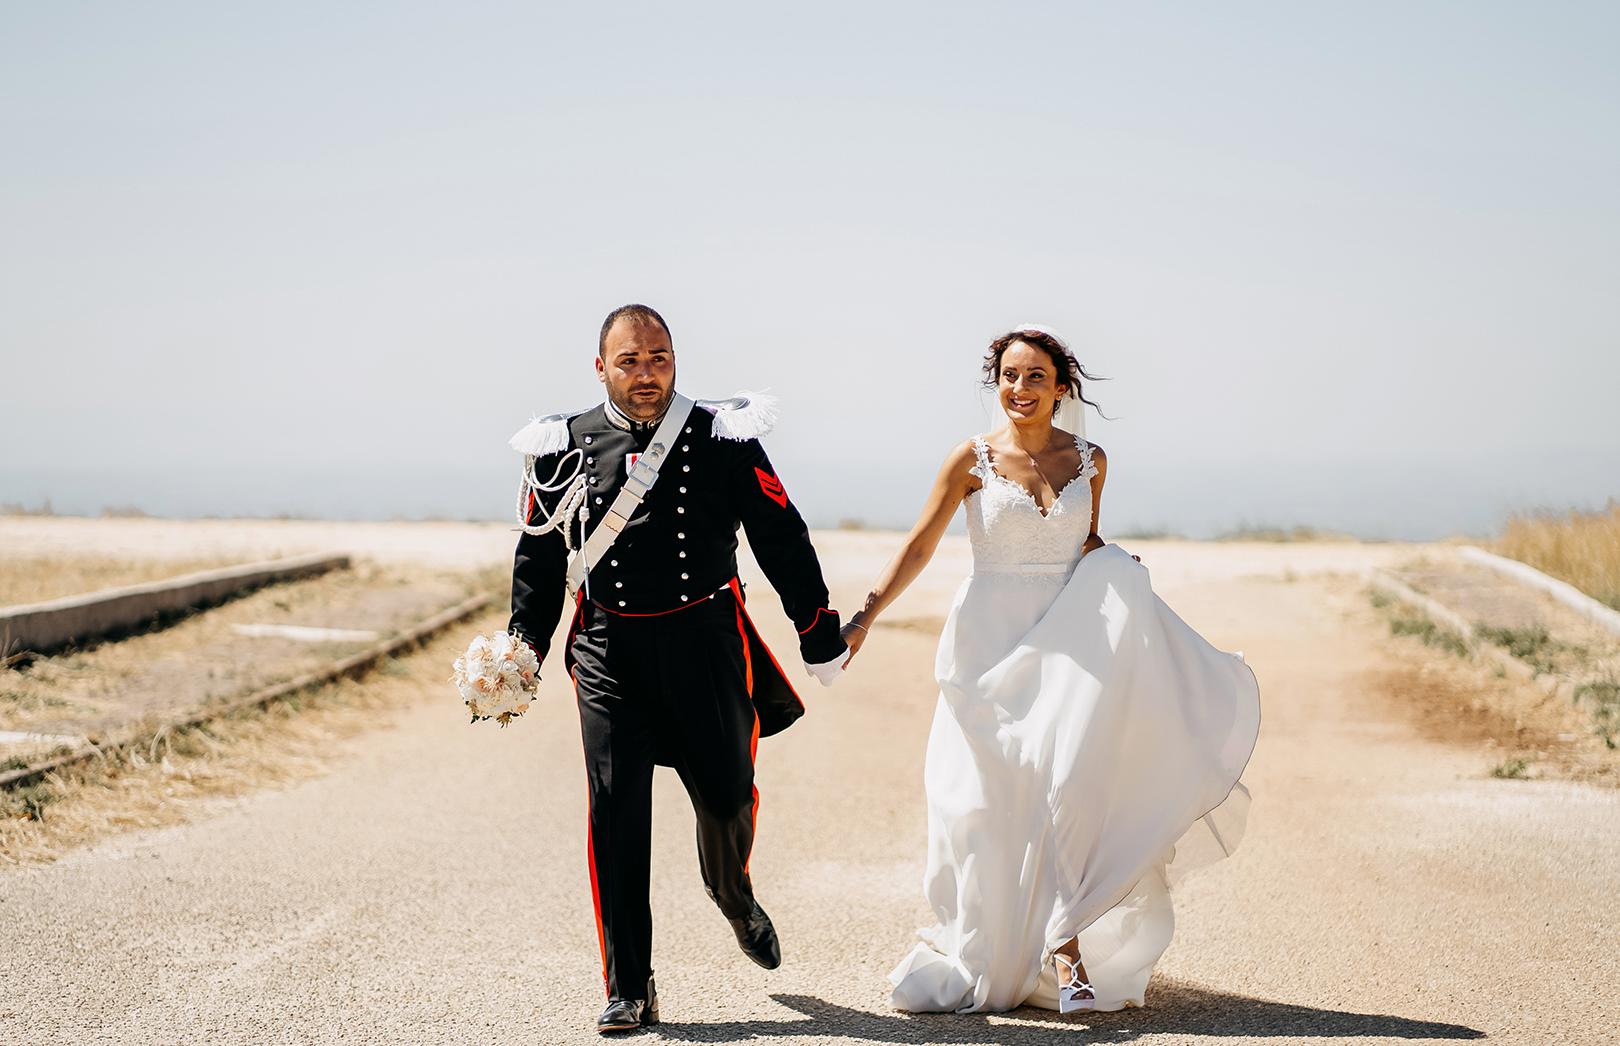 21 gianni-lepore-matrimonio-nozze-italiane